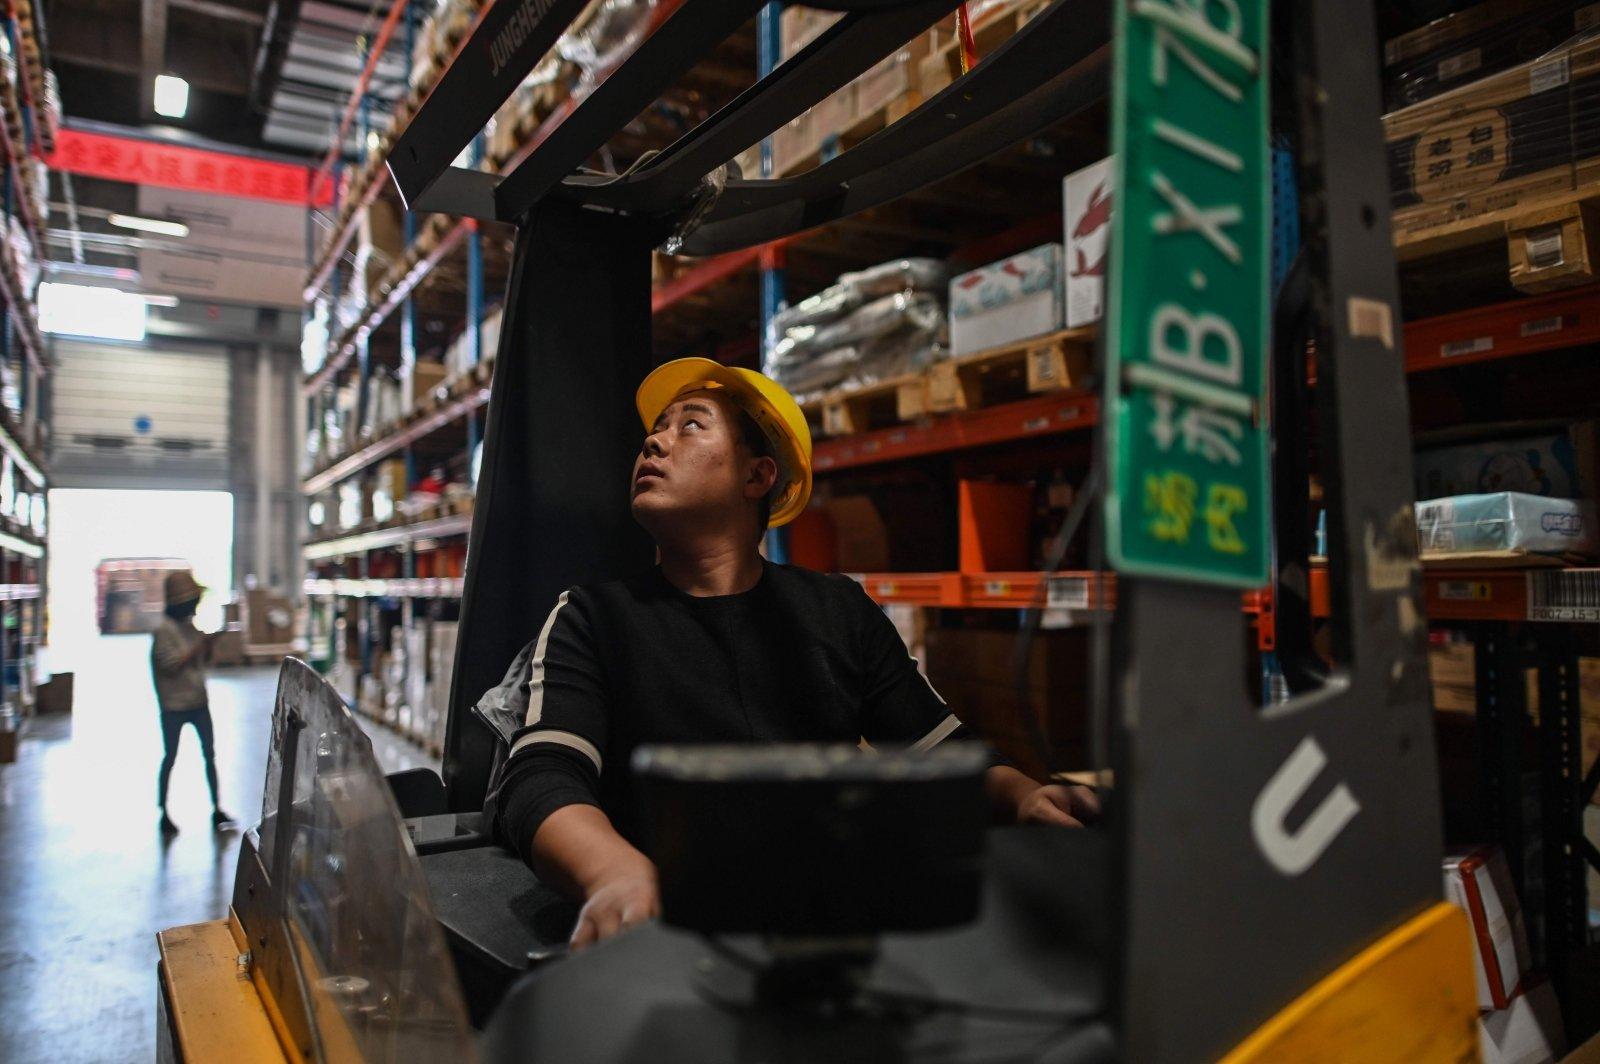 Kinijos pažadus pasauliui žlugdo nepažabojama prekyba internetu